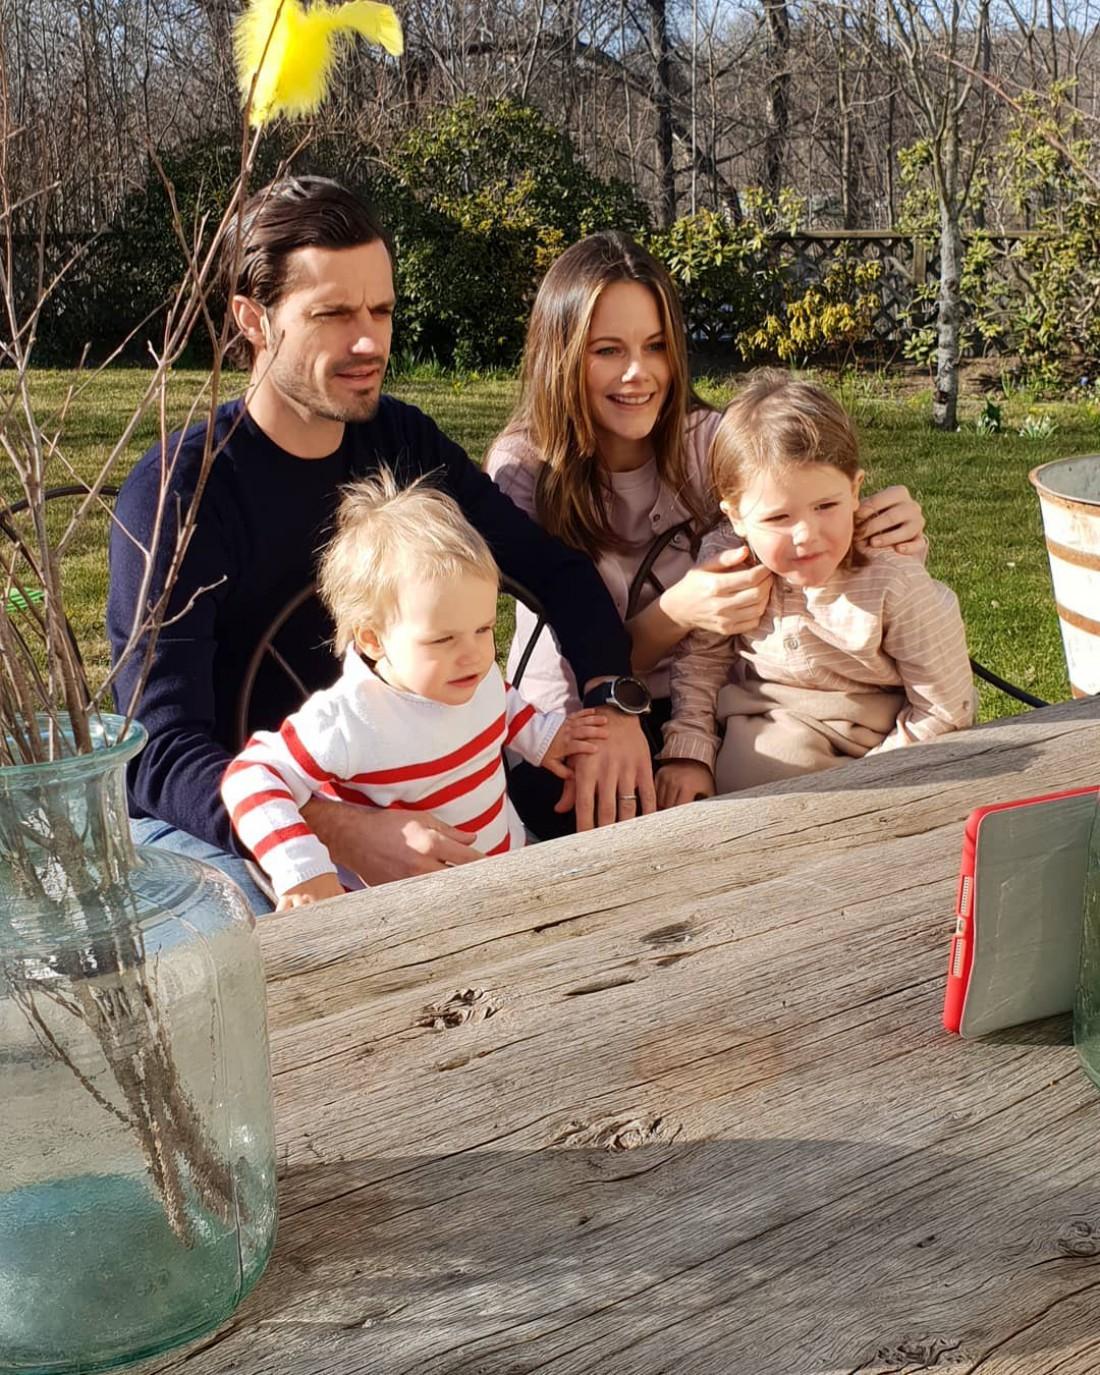 Принц Карл Филипп и принцесса София с сыновьями